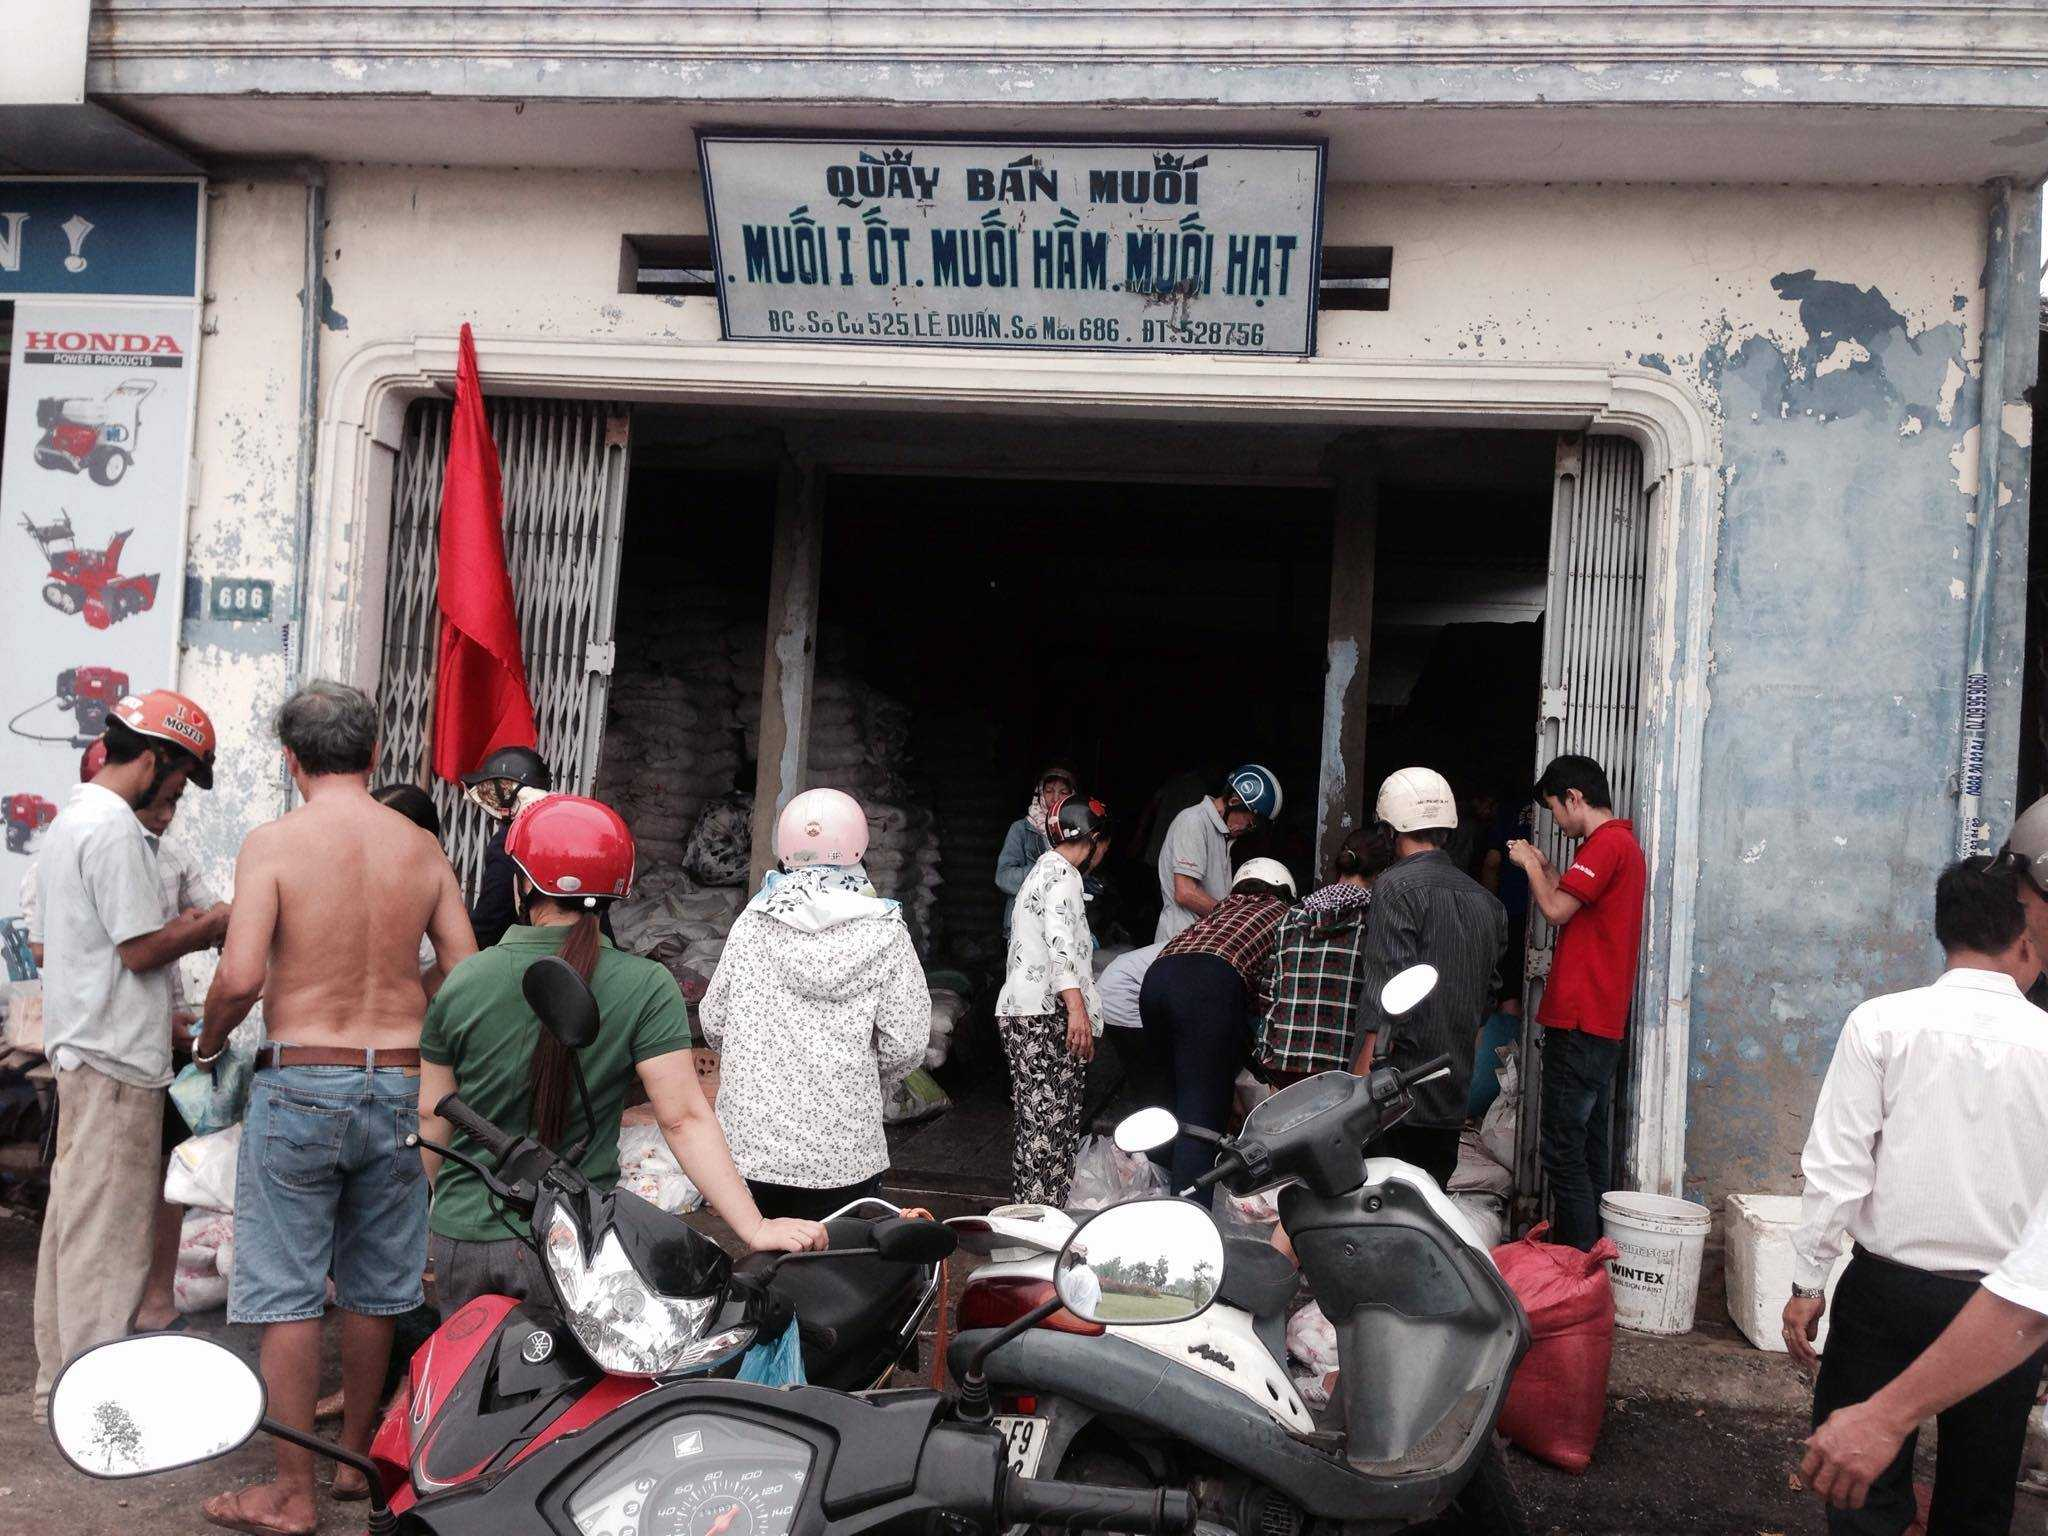 Xếp hàng mua muối ở một đại lý muối nằm trên đường Lê Duẩn, thành phố Huế.